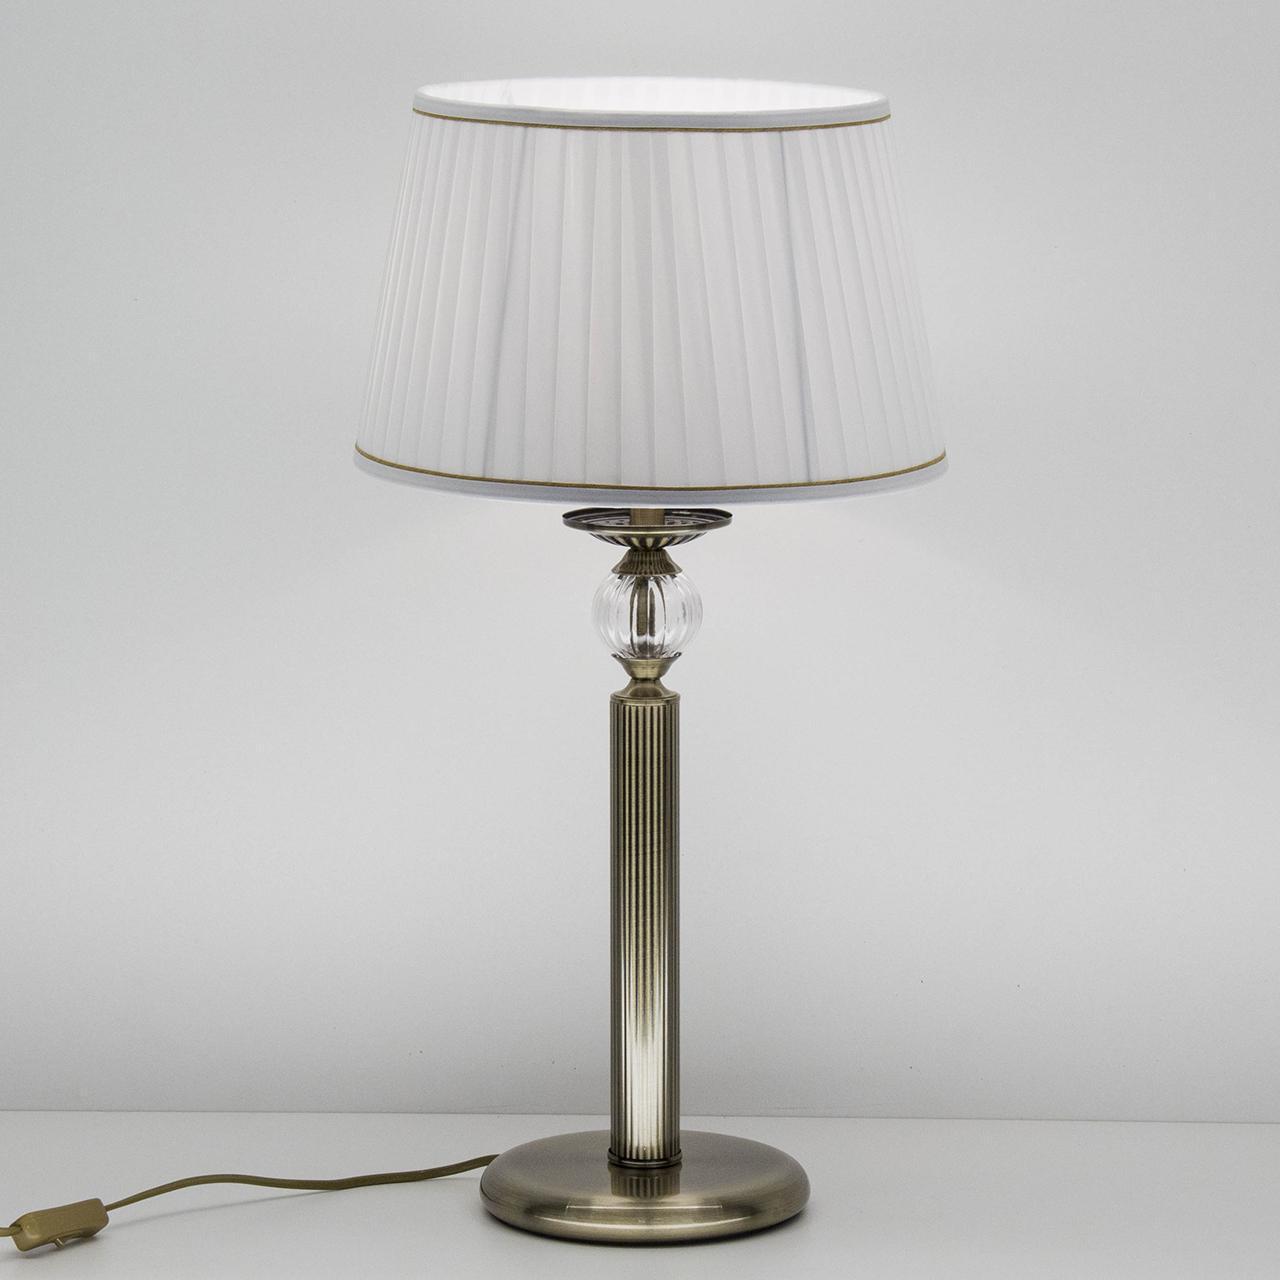 Настольная лампа Citilux Гера CL433813 настольная лампа citilux cl433813 e27x75w 5790080111448